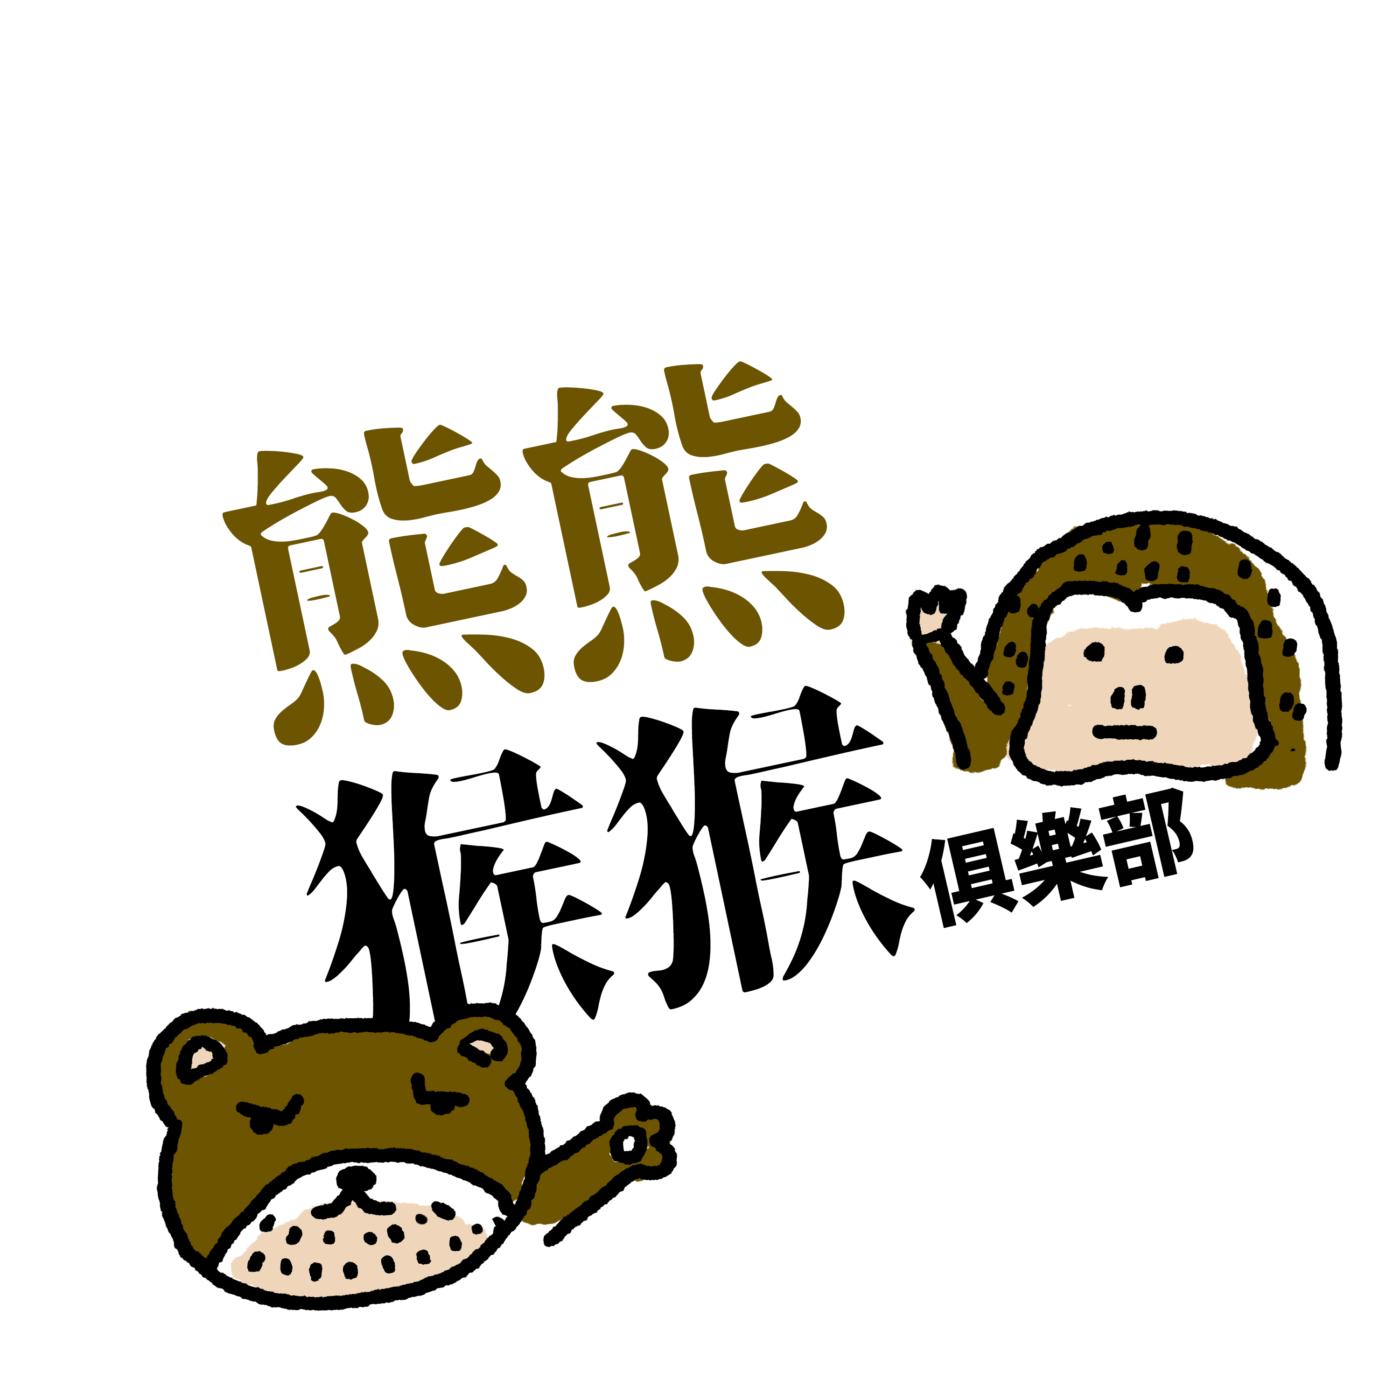 熊熊猴猴俱樂部